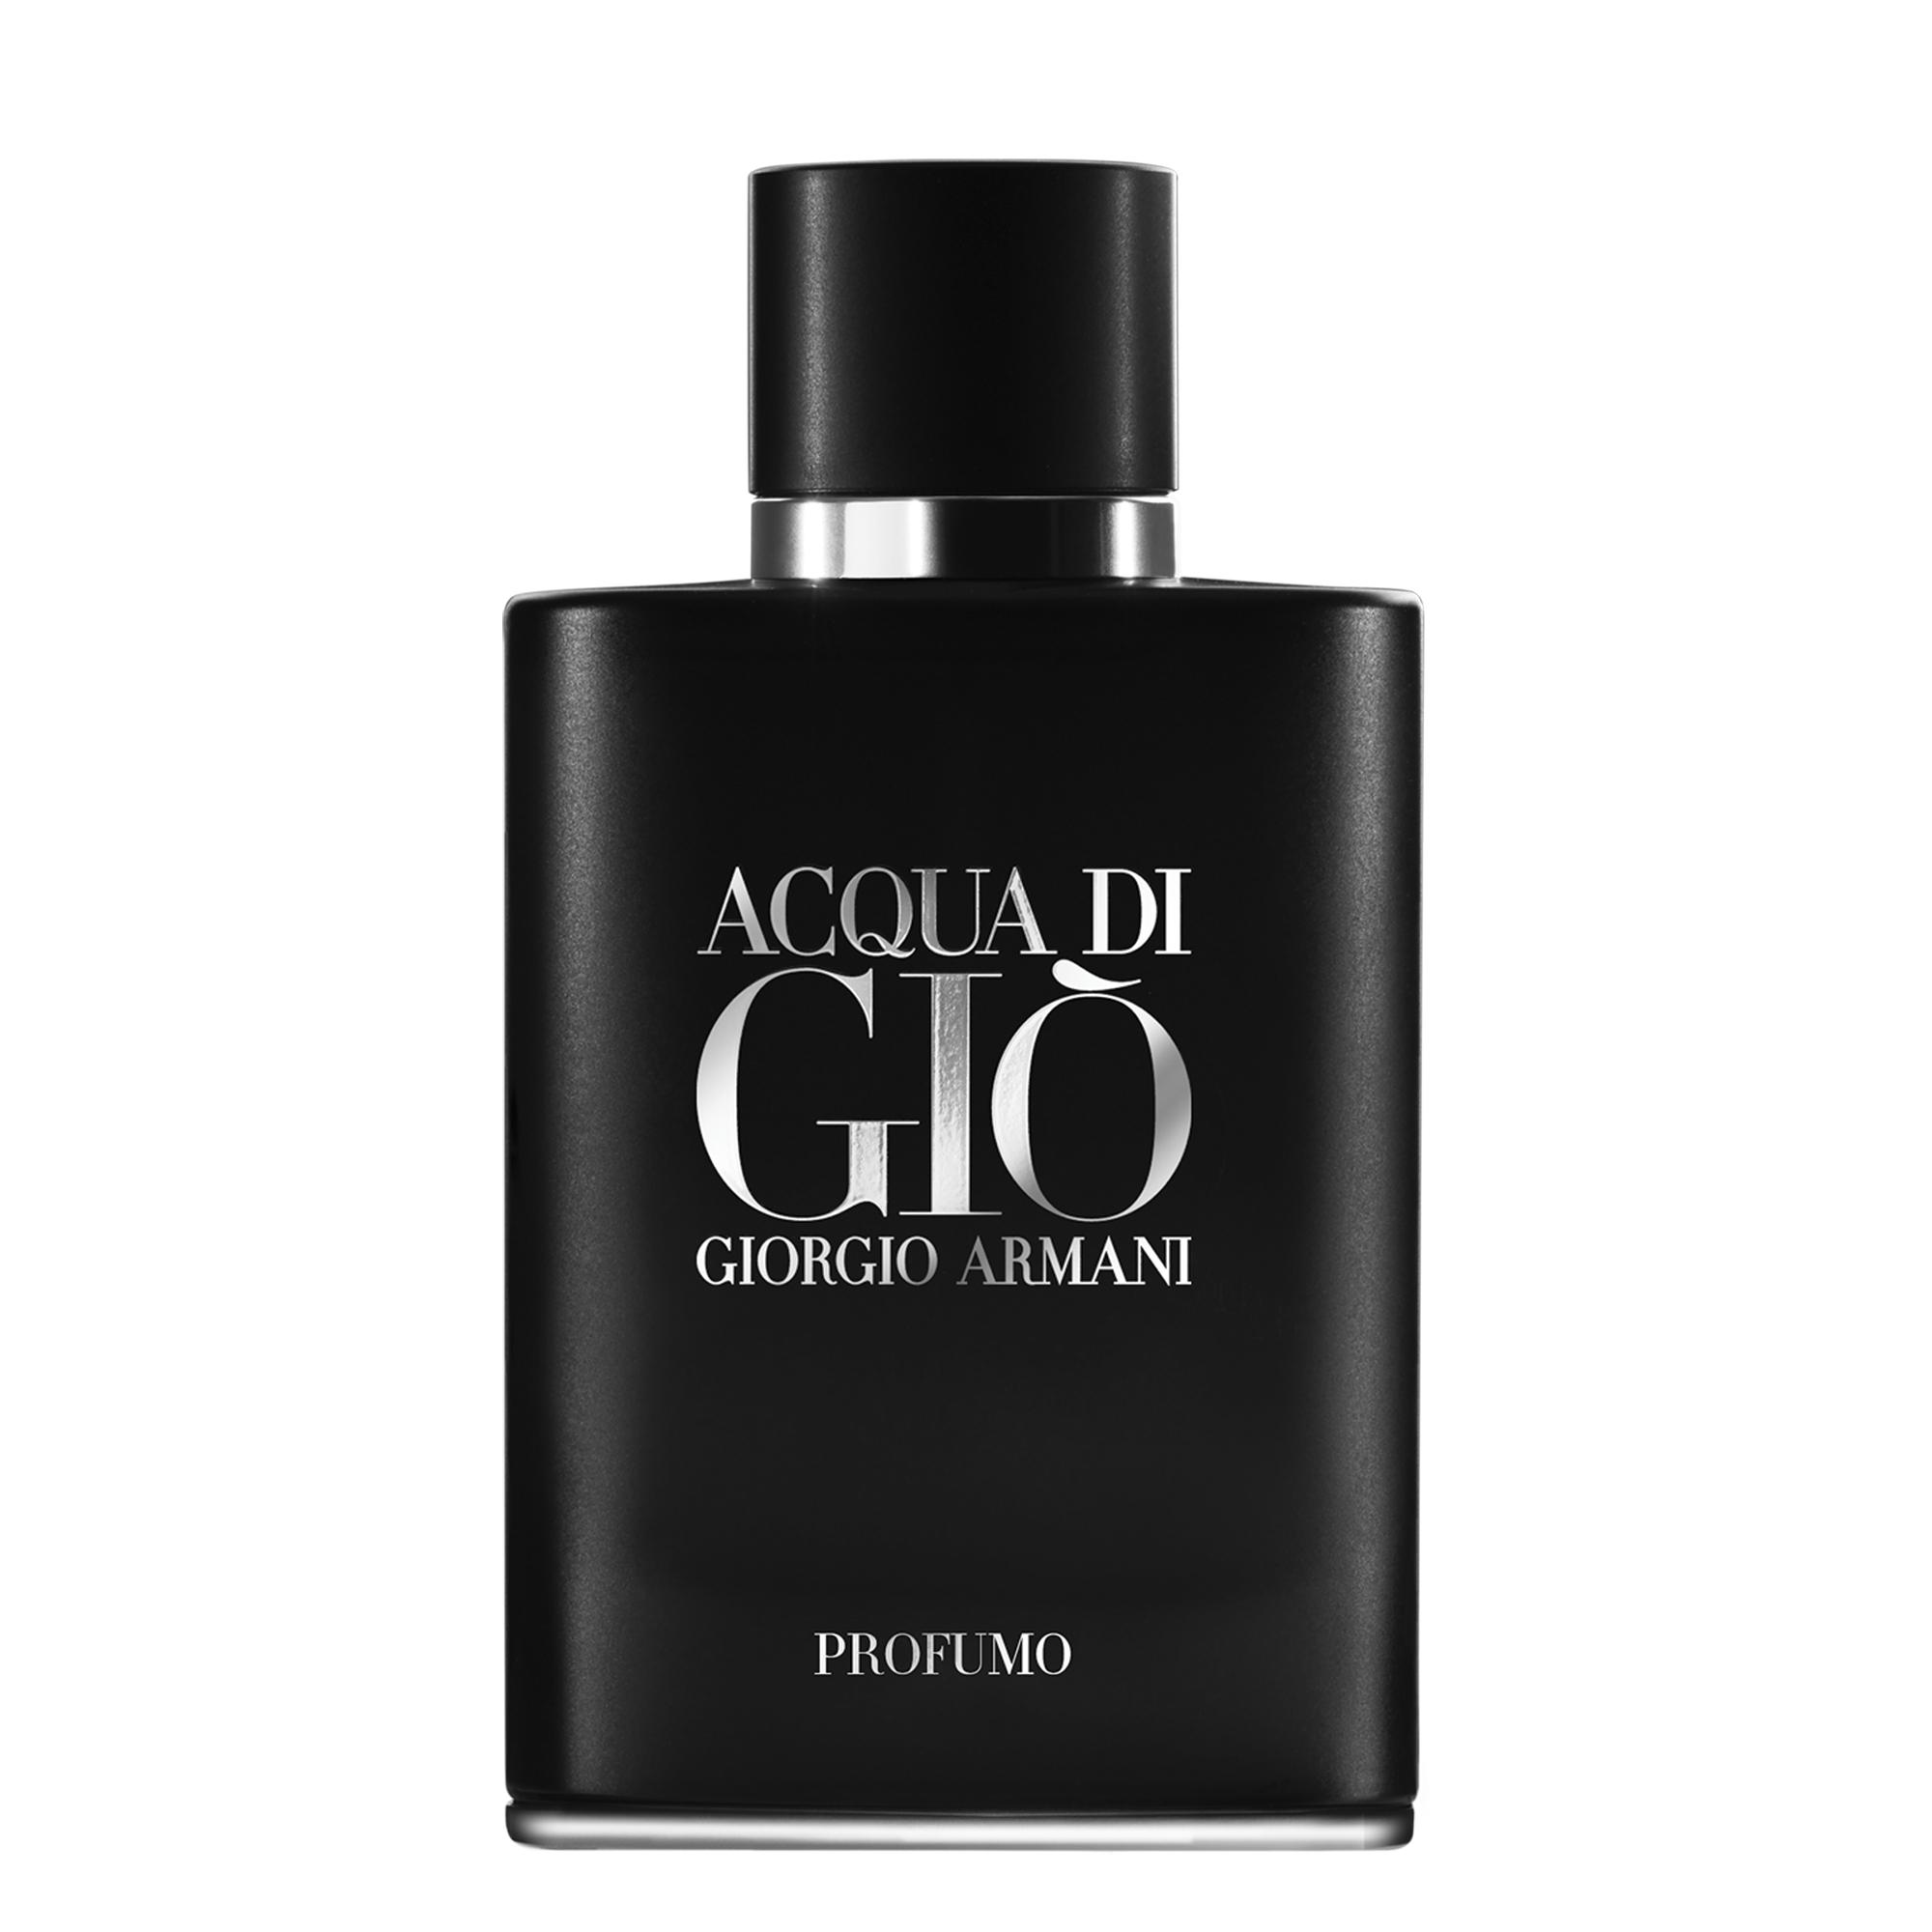 Giorgio Armani Acqua Di Giò Profumo EDP, 75 ml